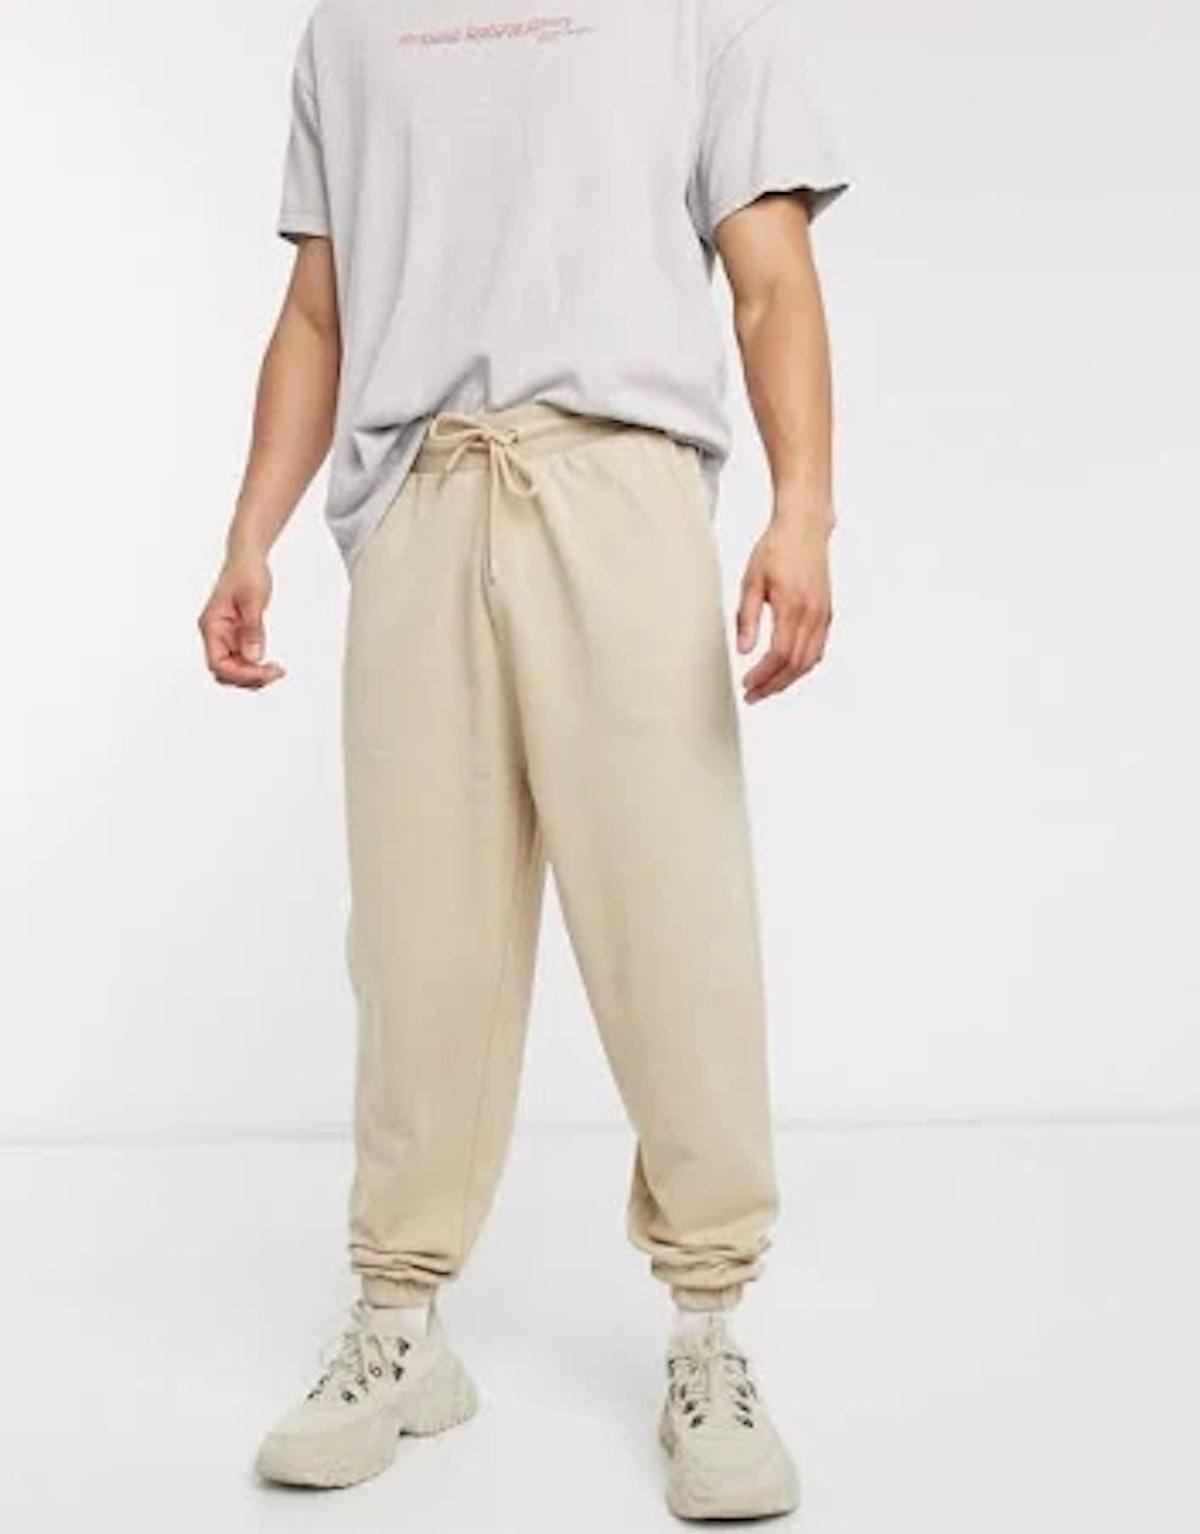 ASOS DESIGN coordinating organic oversized sweatpants in beige